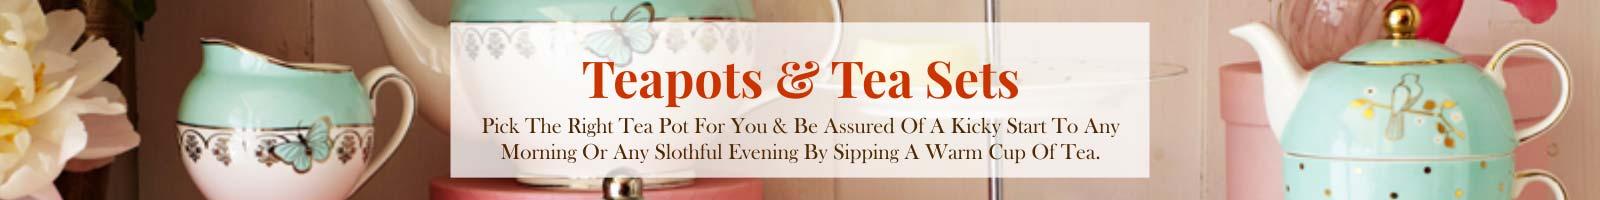 Teapots & Teasets